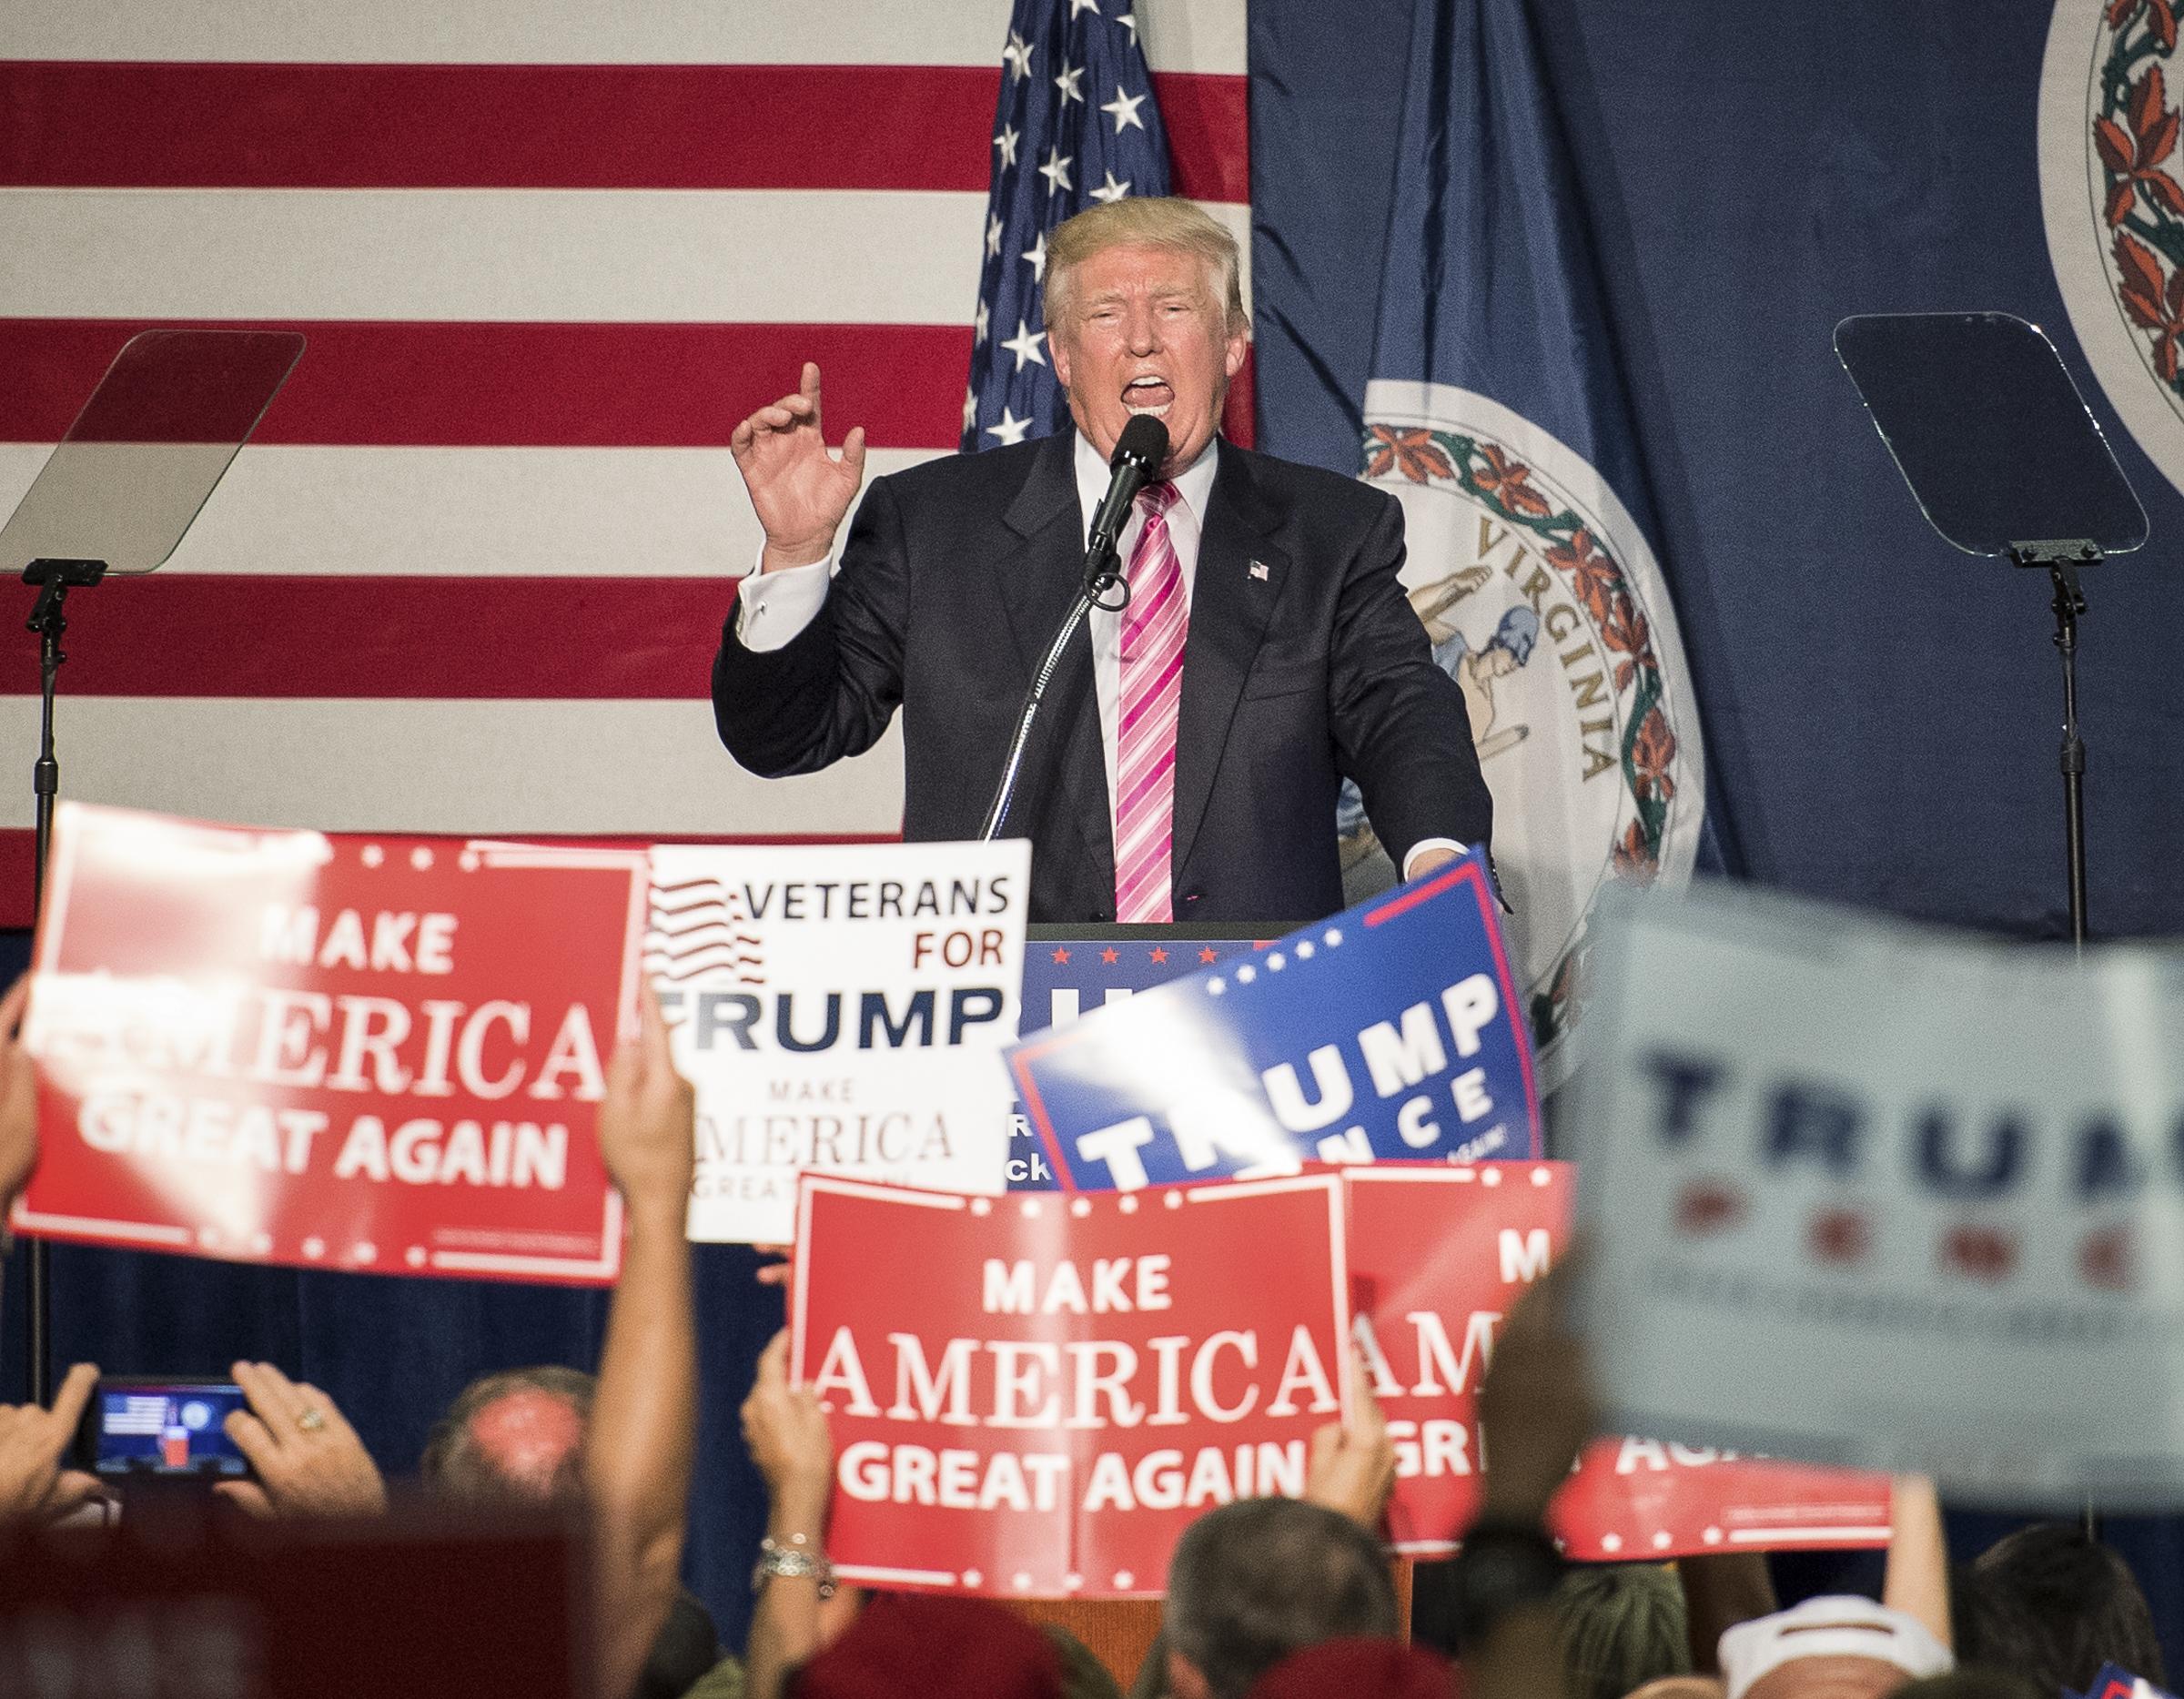 TR_Trump_Print1.jpg